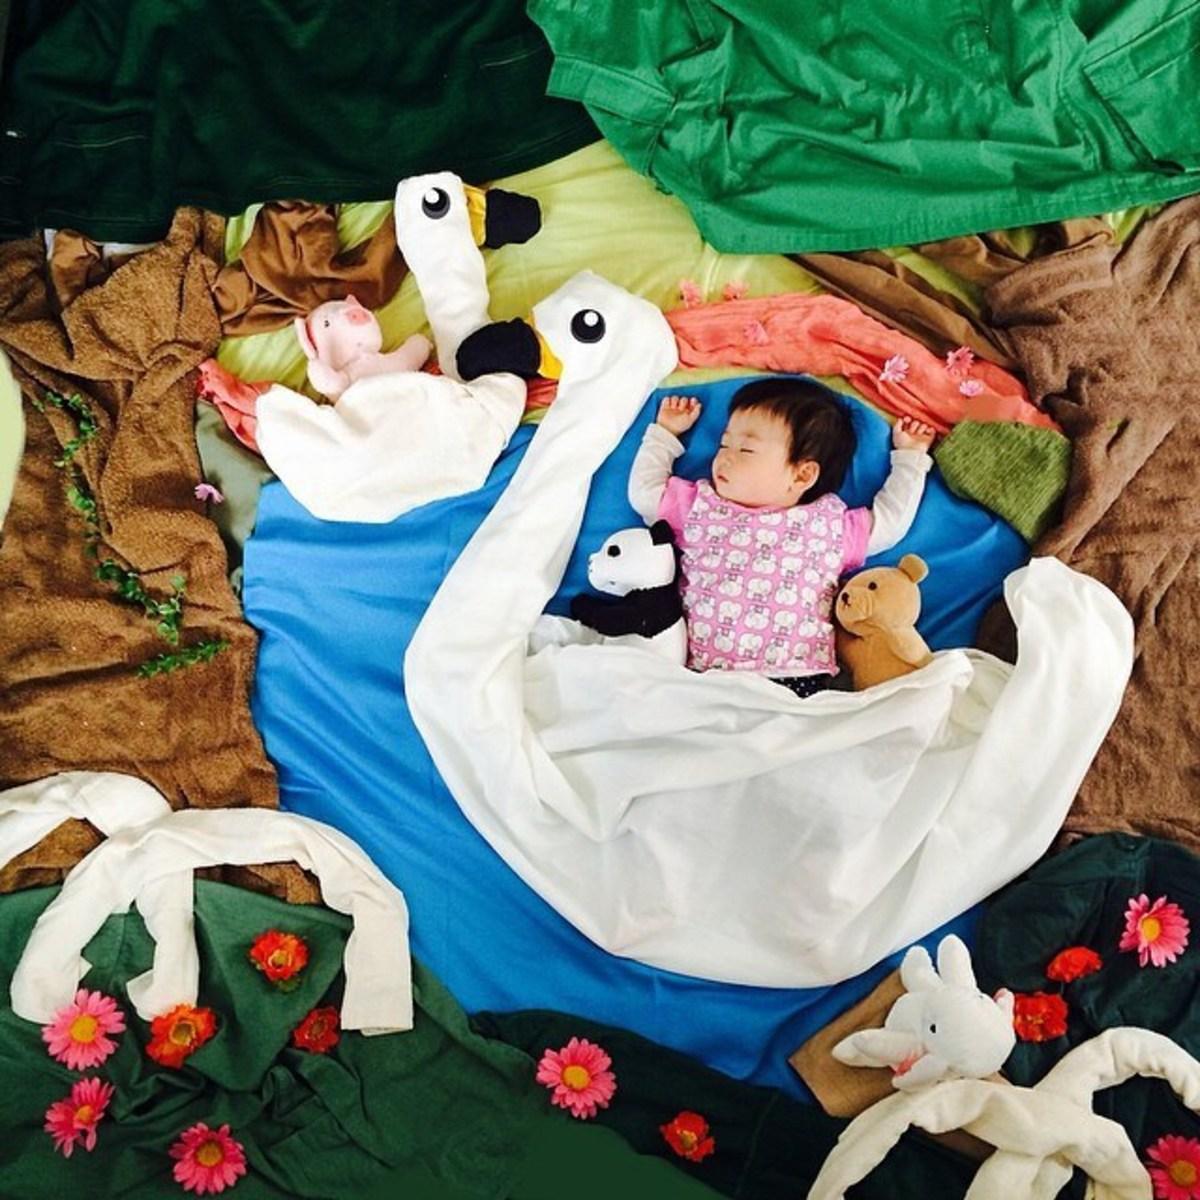 Спящую мамашу смотреть онлайн 1 фотография